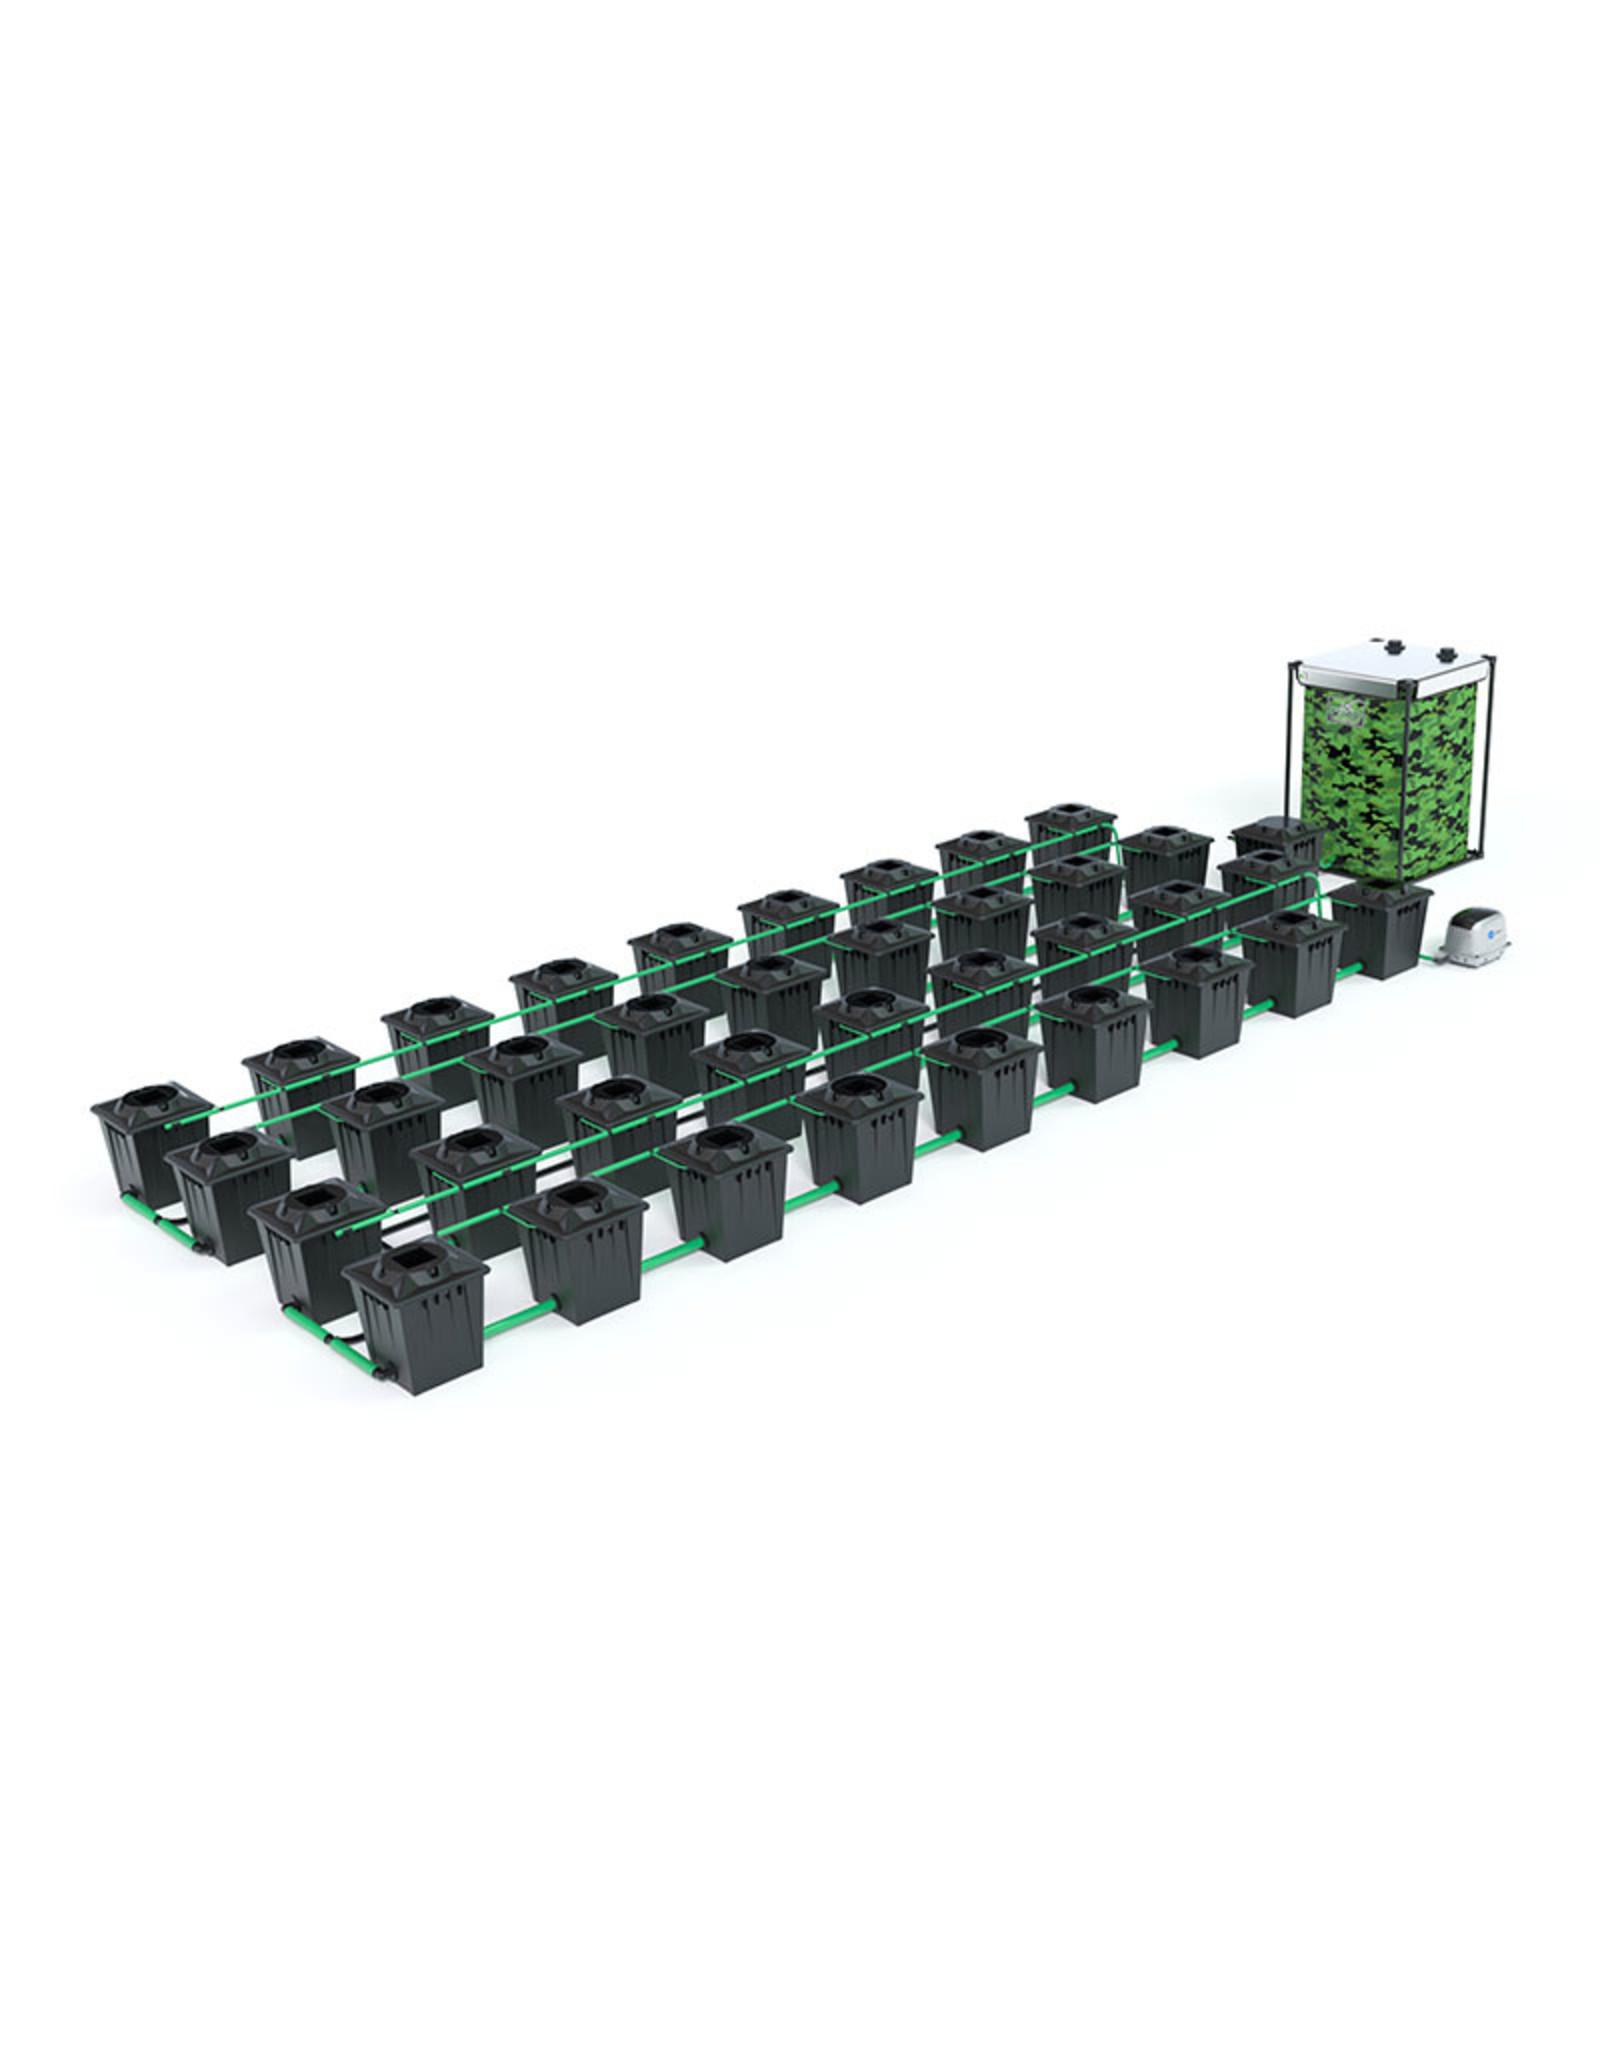 ALIEN HYDROPONICS RDWC BLACK SERIES 20L  36 POT SYSTEM